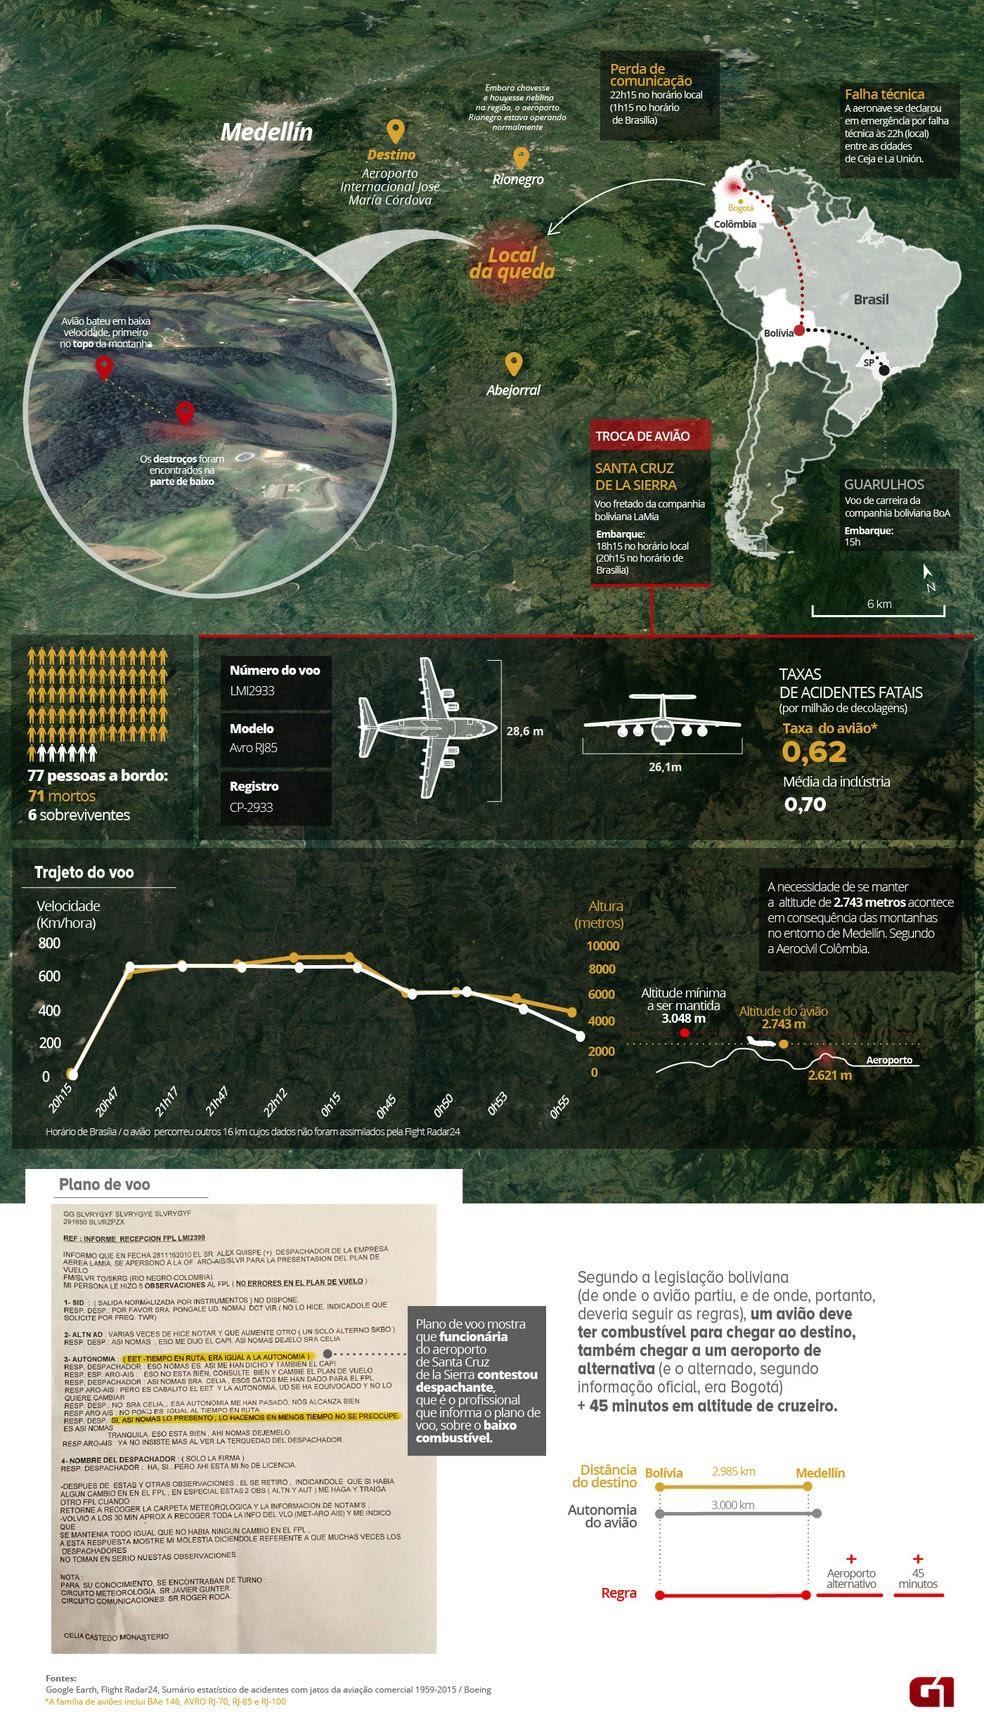 Infográfico mostra detalhes da queda da aeronave (Foto: Arte/G1)